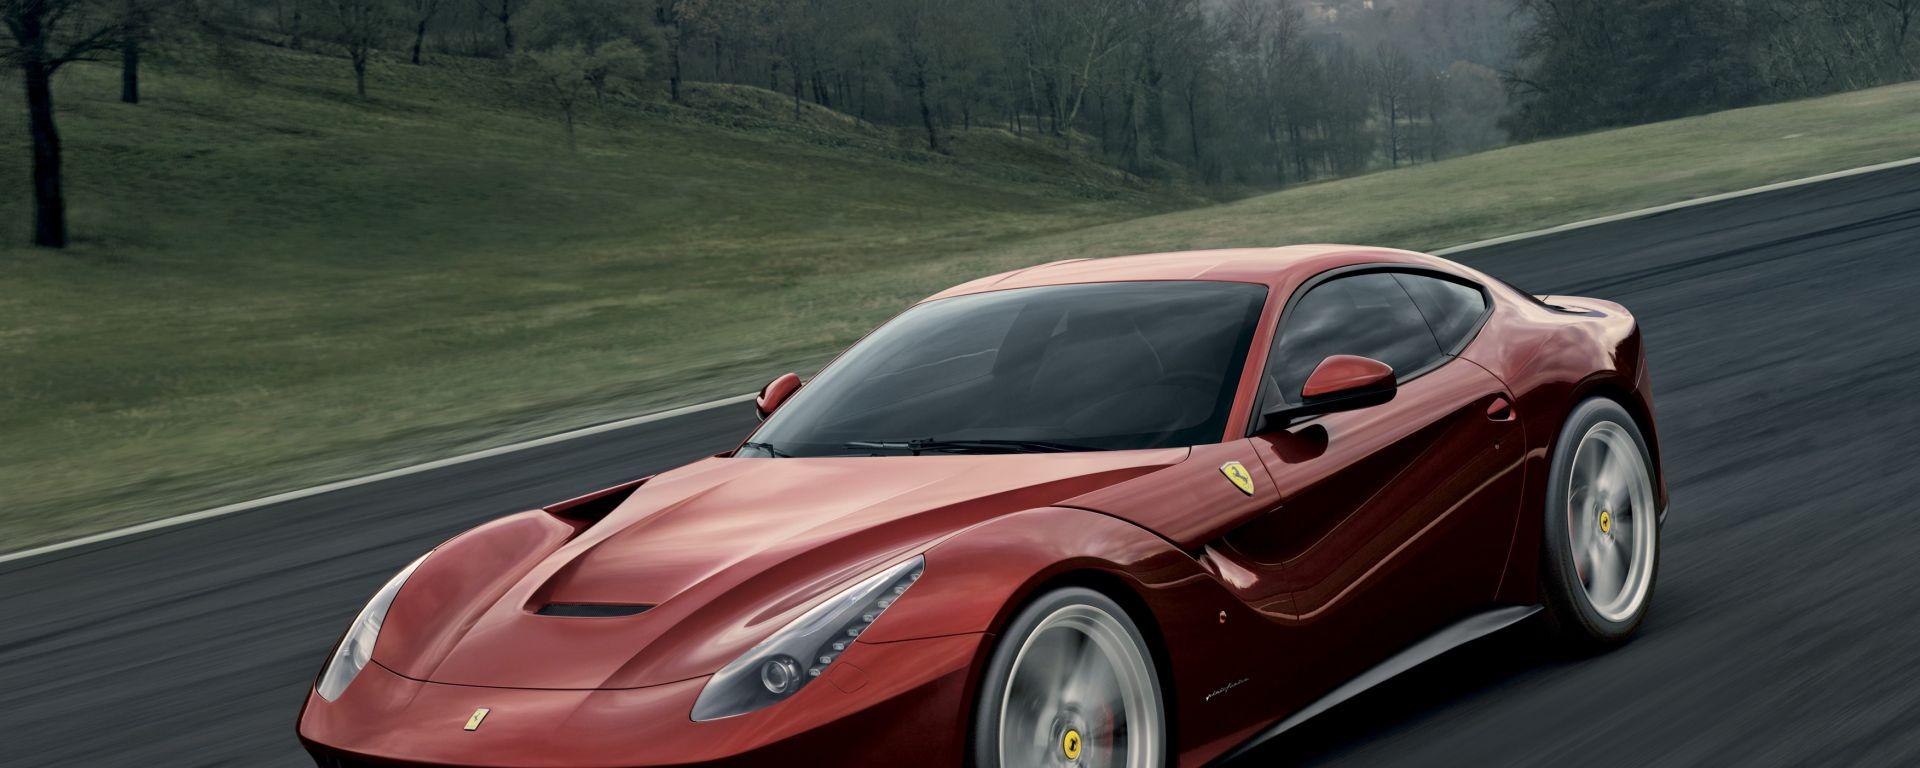 Tutti i segreti della Ferrari F12berlinetta